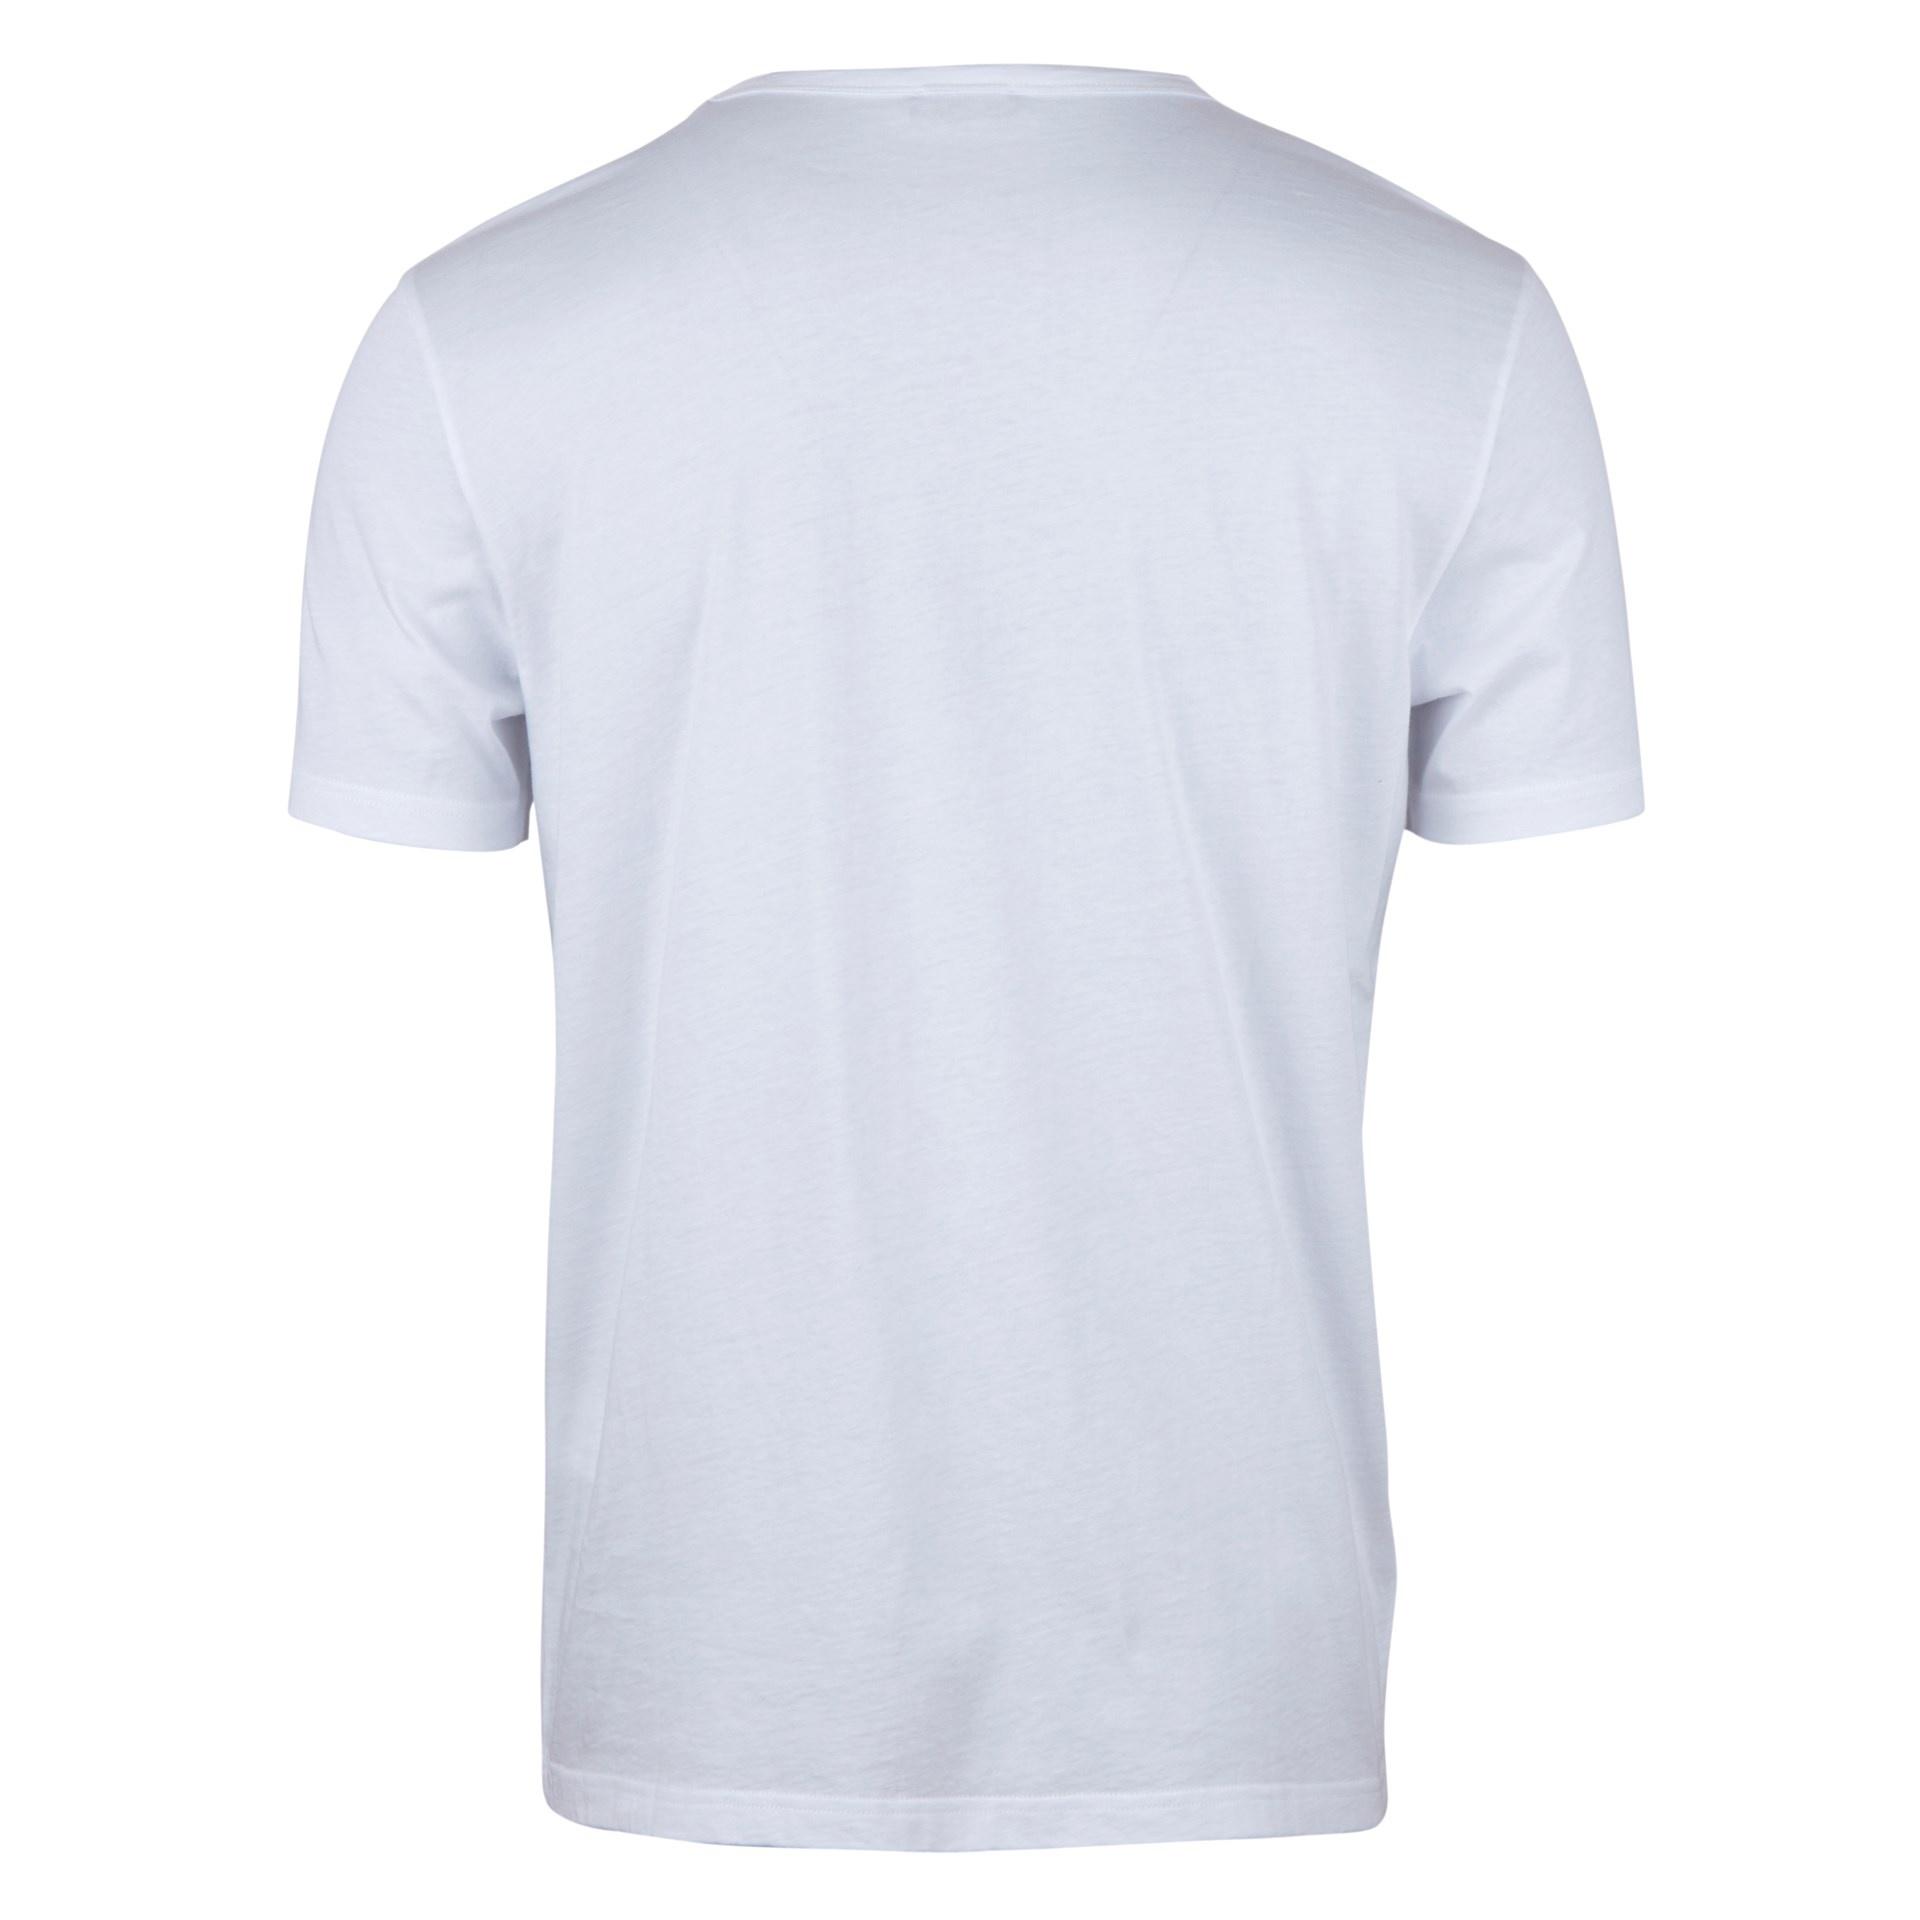 Stenstroms White cotton T-shirt